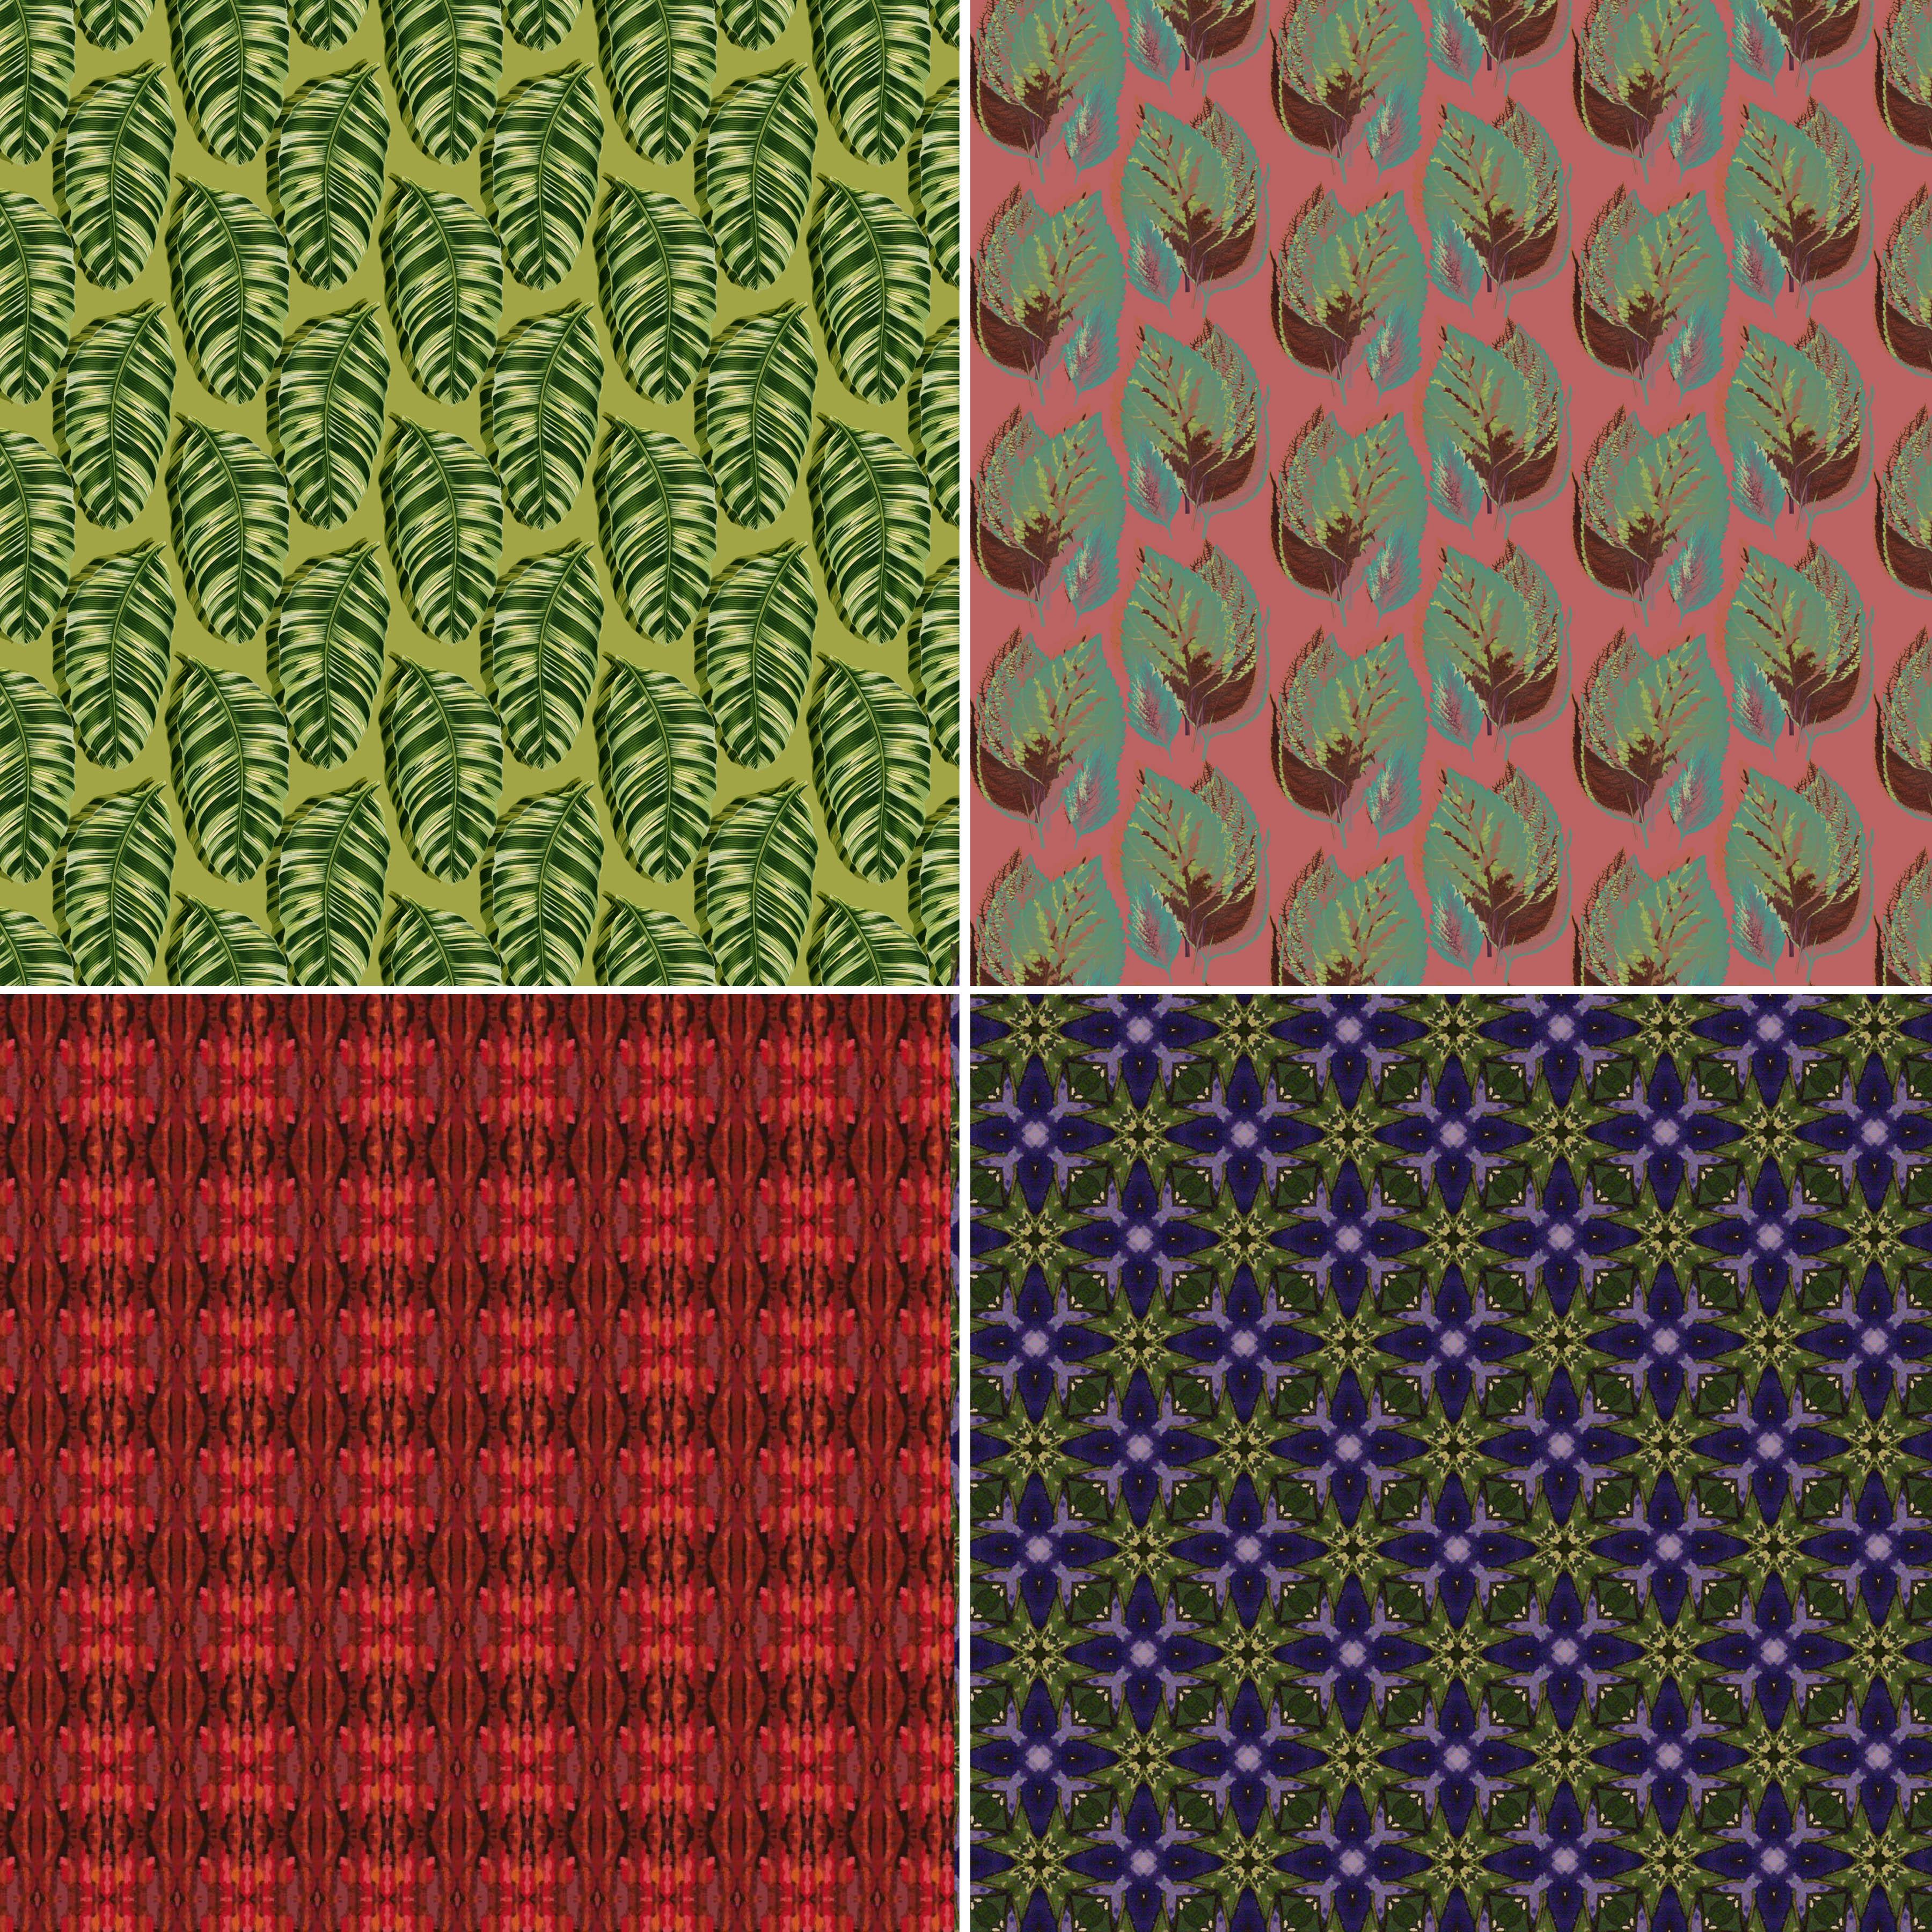 jungle patterns 3